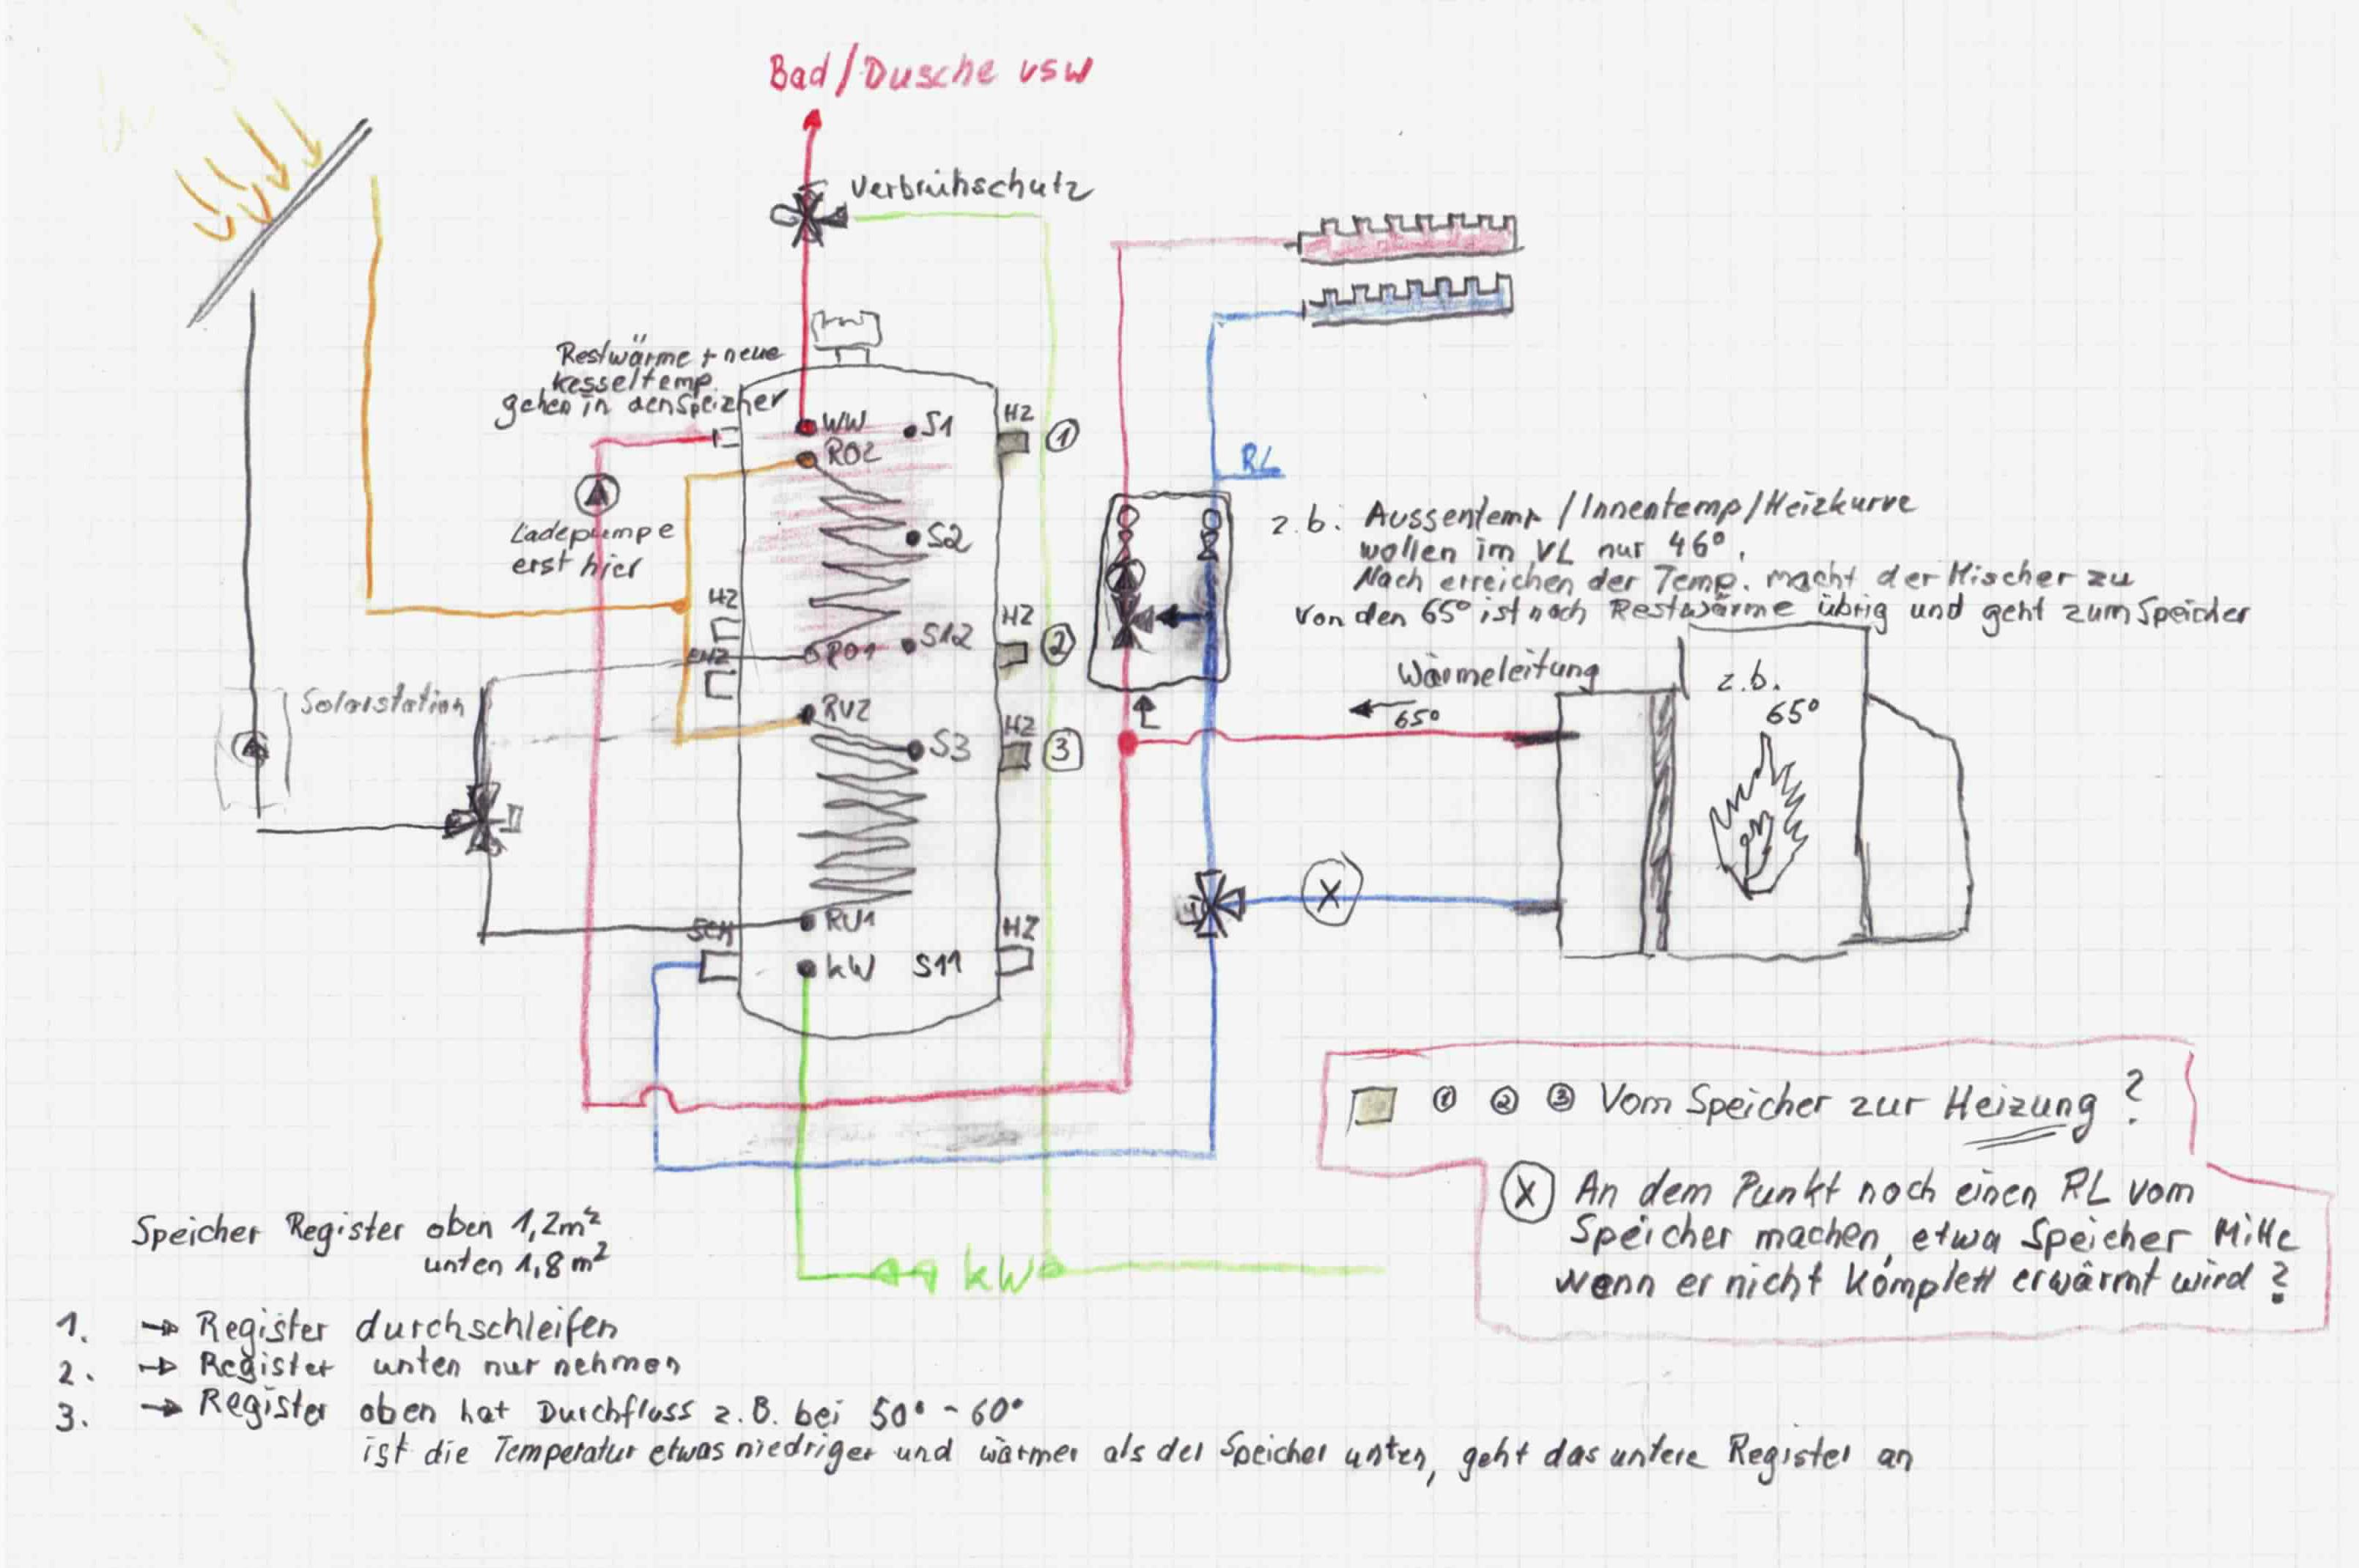 hydrauliik schema passt nicht zur l brennwertanlage bitte um hilfe haustechnikdialog. Black Bedroom Furniture Sets. Home Design Ideas